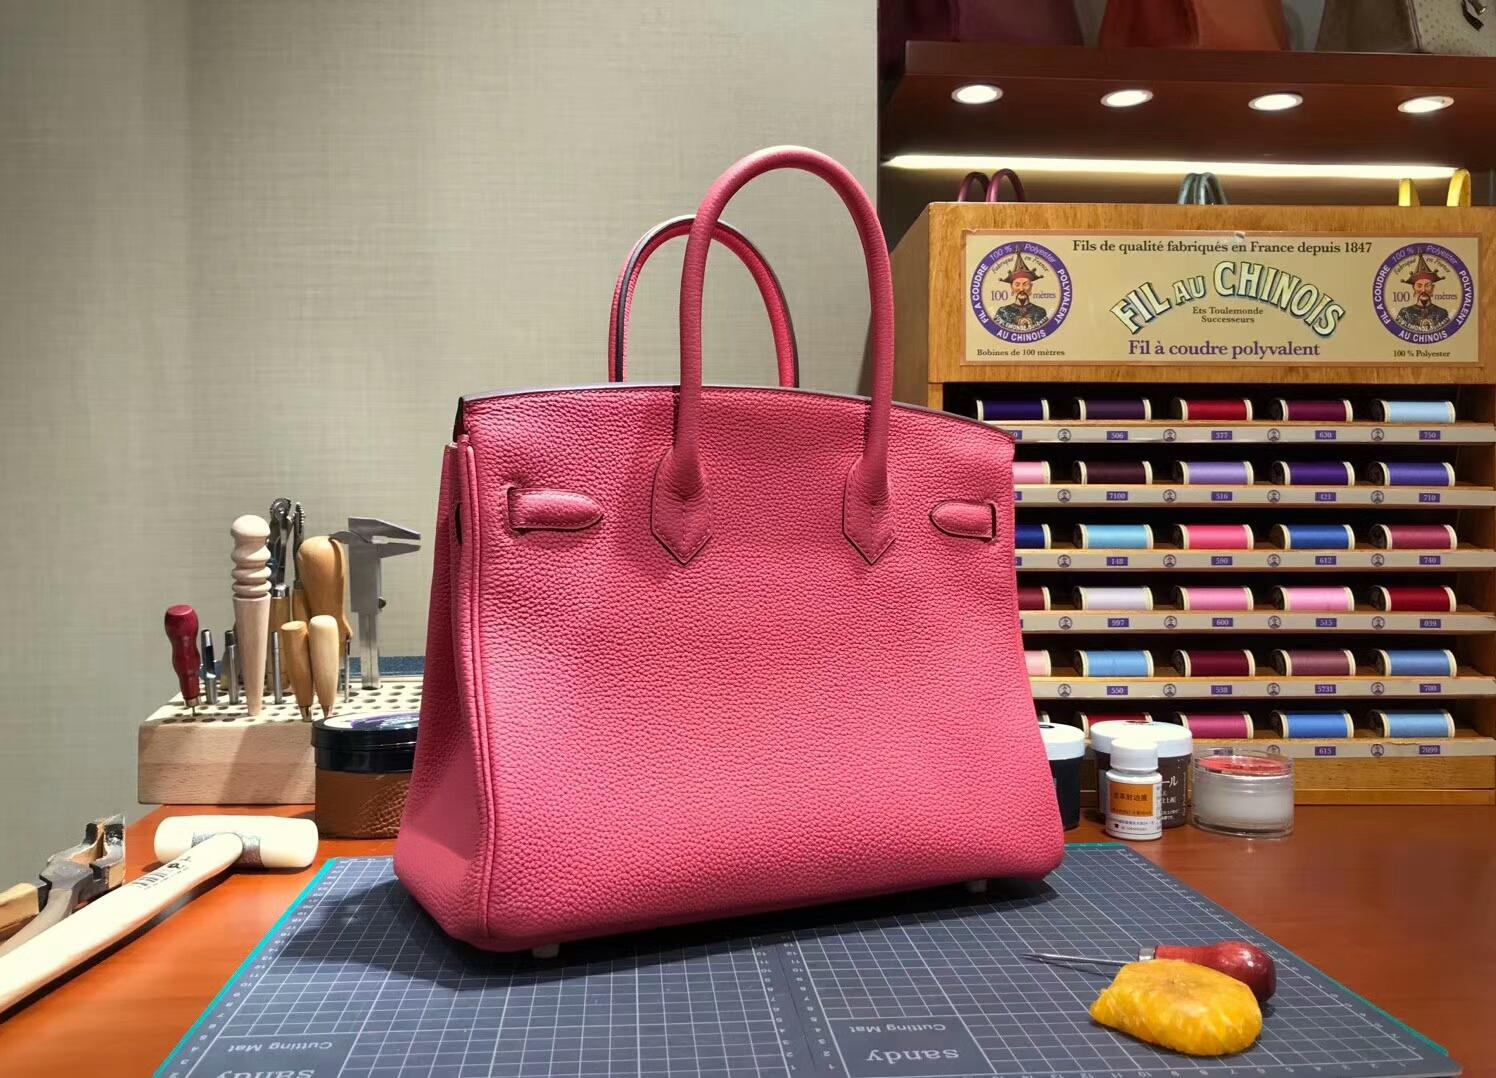 爱马仕 HERMES 铂金包 Birkin 30cm 配全套专柜原版包装 全球发售 8wRoseAzalea新唇膏粉